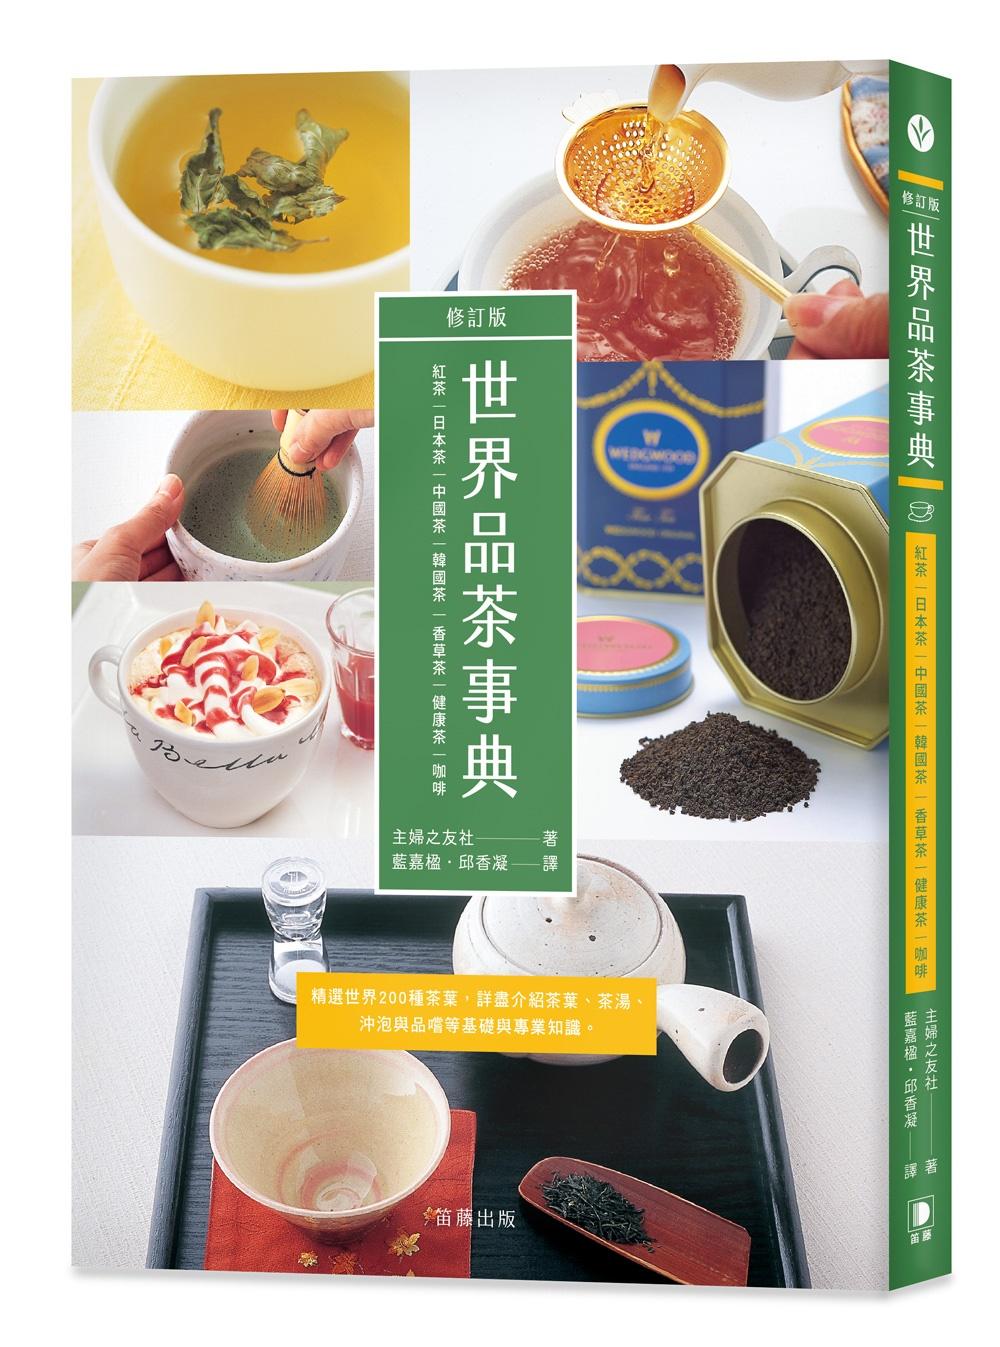 世界品茶事典 修訂版:精選世界200種茶葉,詳盡介紹茶葉、茶湯、沖泡與品嚐等基礎與專業知識